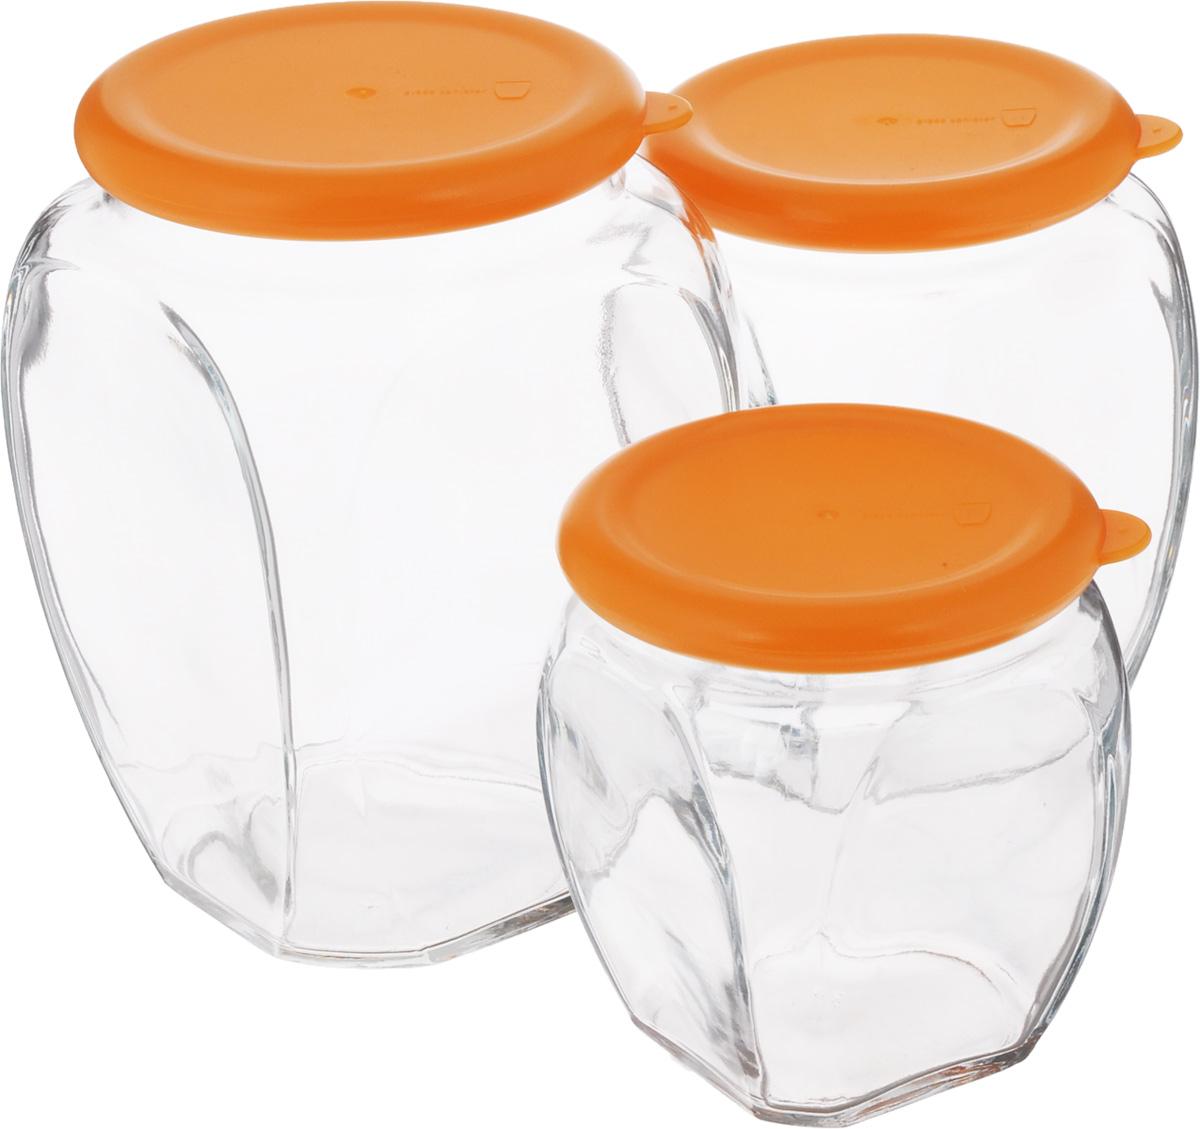 Набор контейнеров для сыпучих продуктов Glasslock, 3 шт. IG-674FA-5125 WhiteНабор Glasslock состоит из трех контейнеров для сыпучих продуктов. Изделия выполнены из экологически чистого закаленного ударопрочного стекла и оснащены пластиковыми крышками. Контейнеры удобно ставятся друг на друга для экономии места на кухне. Изделия плотно и герметично закрываются крышками, что позволяет продуктам дольше оставаться свежими, сохранять аромат и вкус. Благодаря прозрачным стенкам, можно видеть содержимое. Размер подходит для хранения в дверце холодильника. Такие контейнеры идеально подходят для хранения различных сыпучих продуктов: орехов, печенья, круп, хлопьев, варенья и т.д. Можно мыть в посудомоечной машине. Подходят для хранения пищи в морозильнике и холодильнике. Не использовать в микроволновой печи и духовке.Комплектация: 3 шт. Объем контейнеров: 350 мл; 500 мл; 815 мл. Диаметр контейнеров (по верхнему краю): 7,5 см; 7,5 см; 8,5 см. Высота контейнеров (с учетом крышки): 9,5 см; 12 см; 14,5 см.